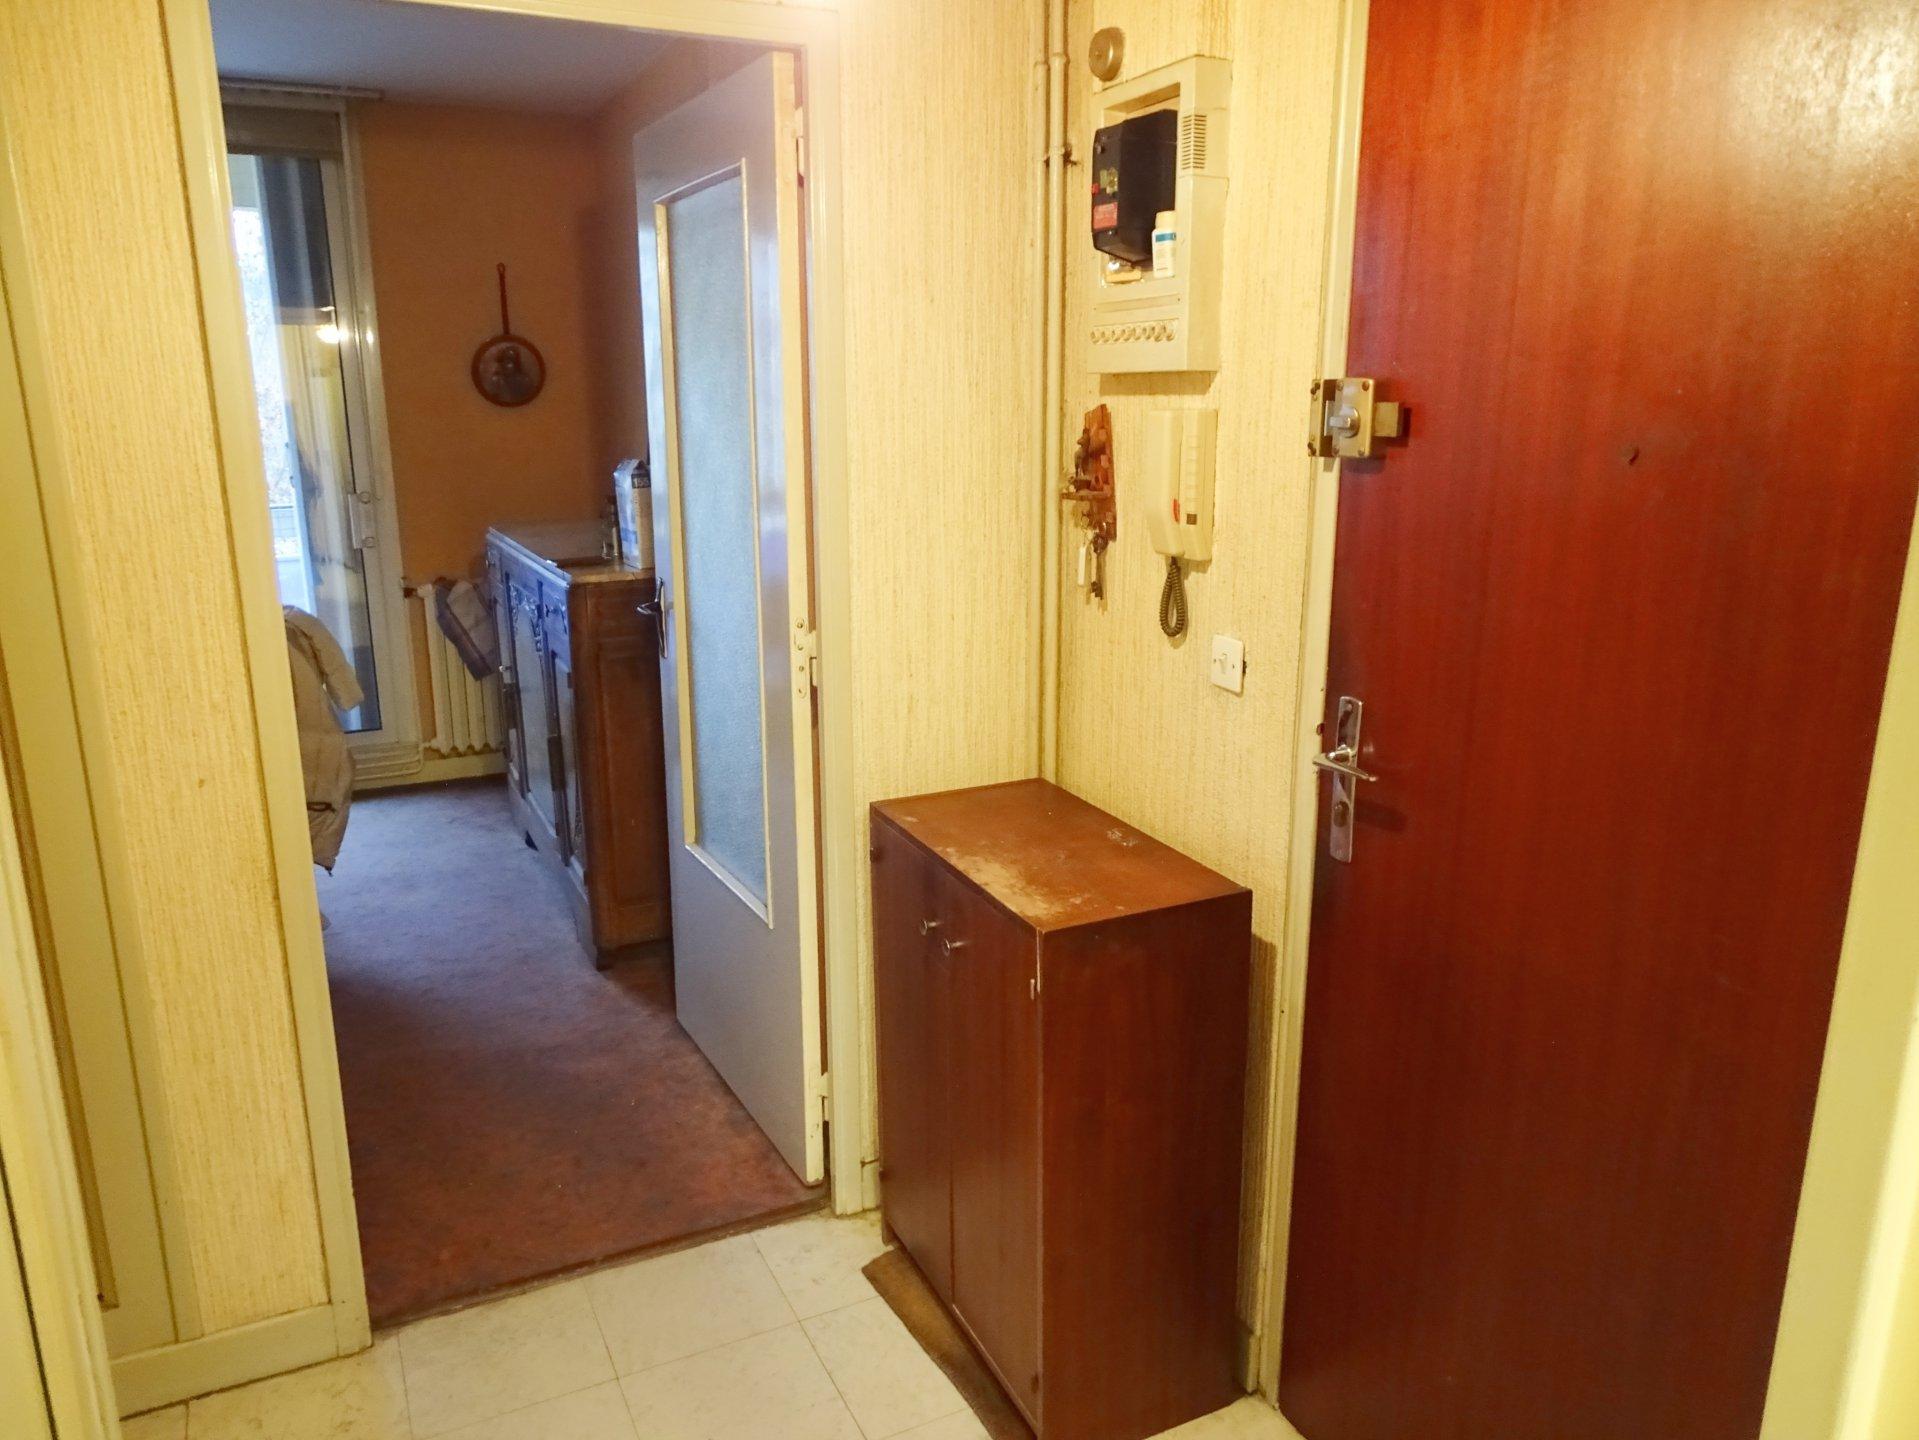 Mâcon, à deux pas d'un quartier dynamique ( cinéma, théâtre, centre commercial), venez découvrir cet appartement à rafraîchir d'une surface de 71 m². Il se compose d'une spacieuse entrée avec placard, lumineuse pièce de vie avec son balcon, une cuisine indépendante, trois chambres, salle de bains, et un toilette. Cet appartement est également doté d'une cave. Bien soumis au régime de la copropriété ( 50 lots principaux - charges 169 Euros/mois). Honoraires à la charge du vendeur.